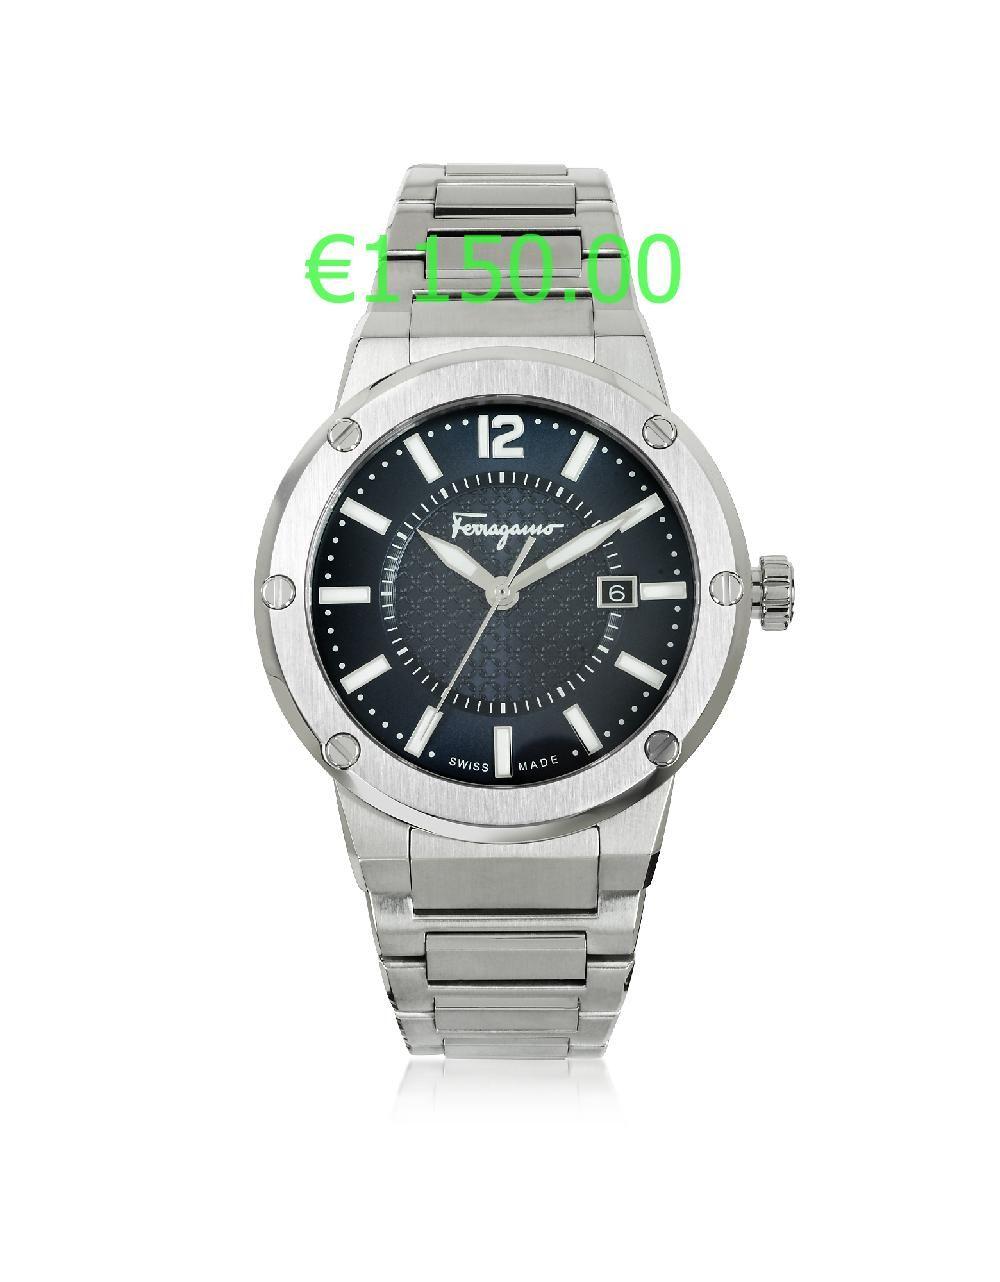 €1150.00 F 80 montre homme en acier inoxydable argent